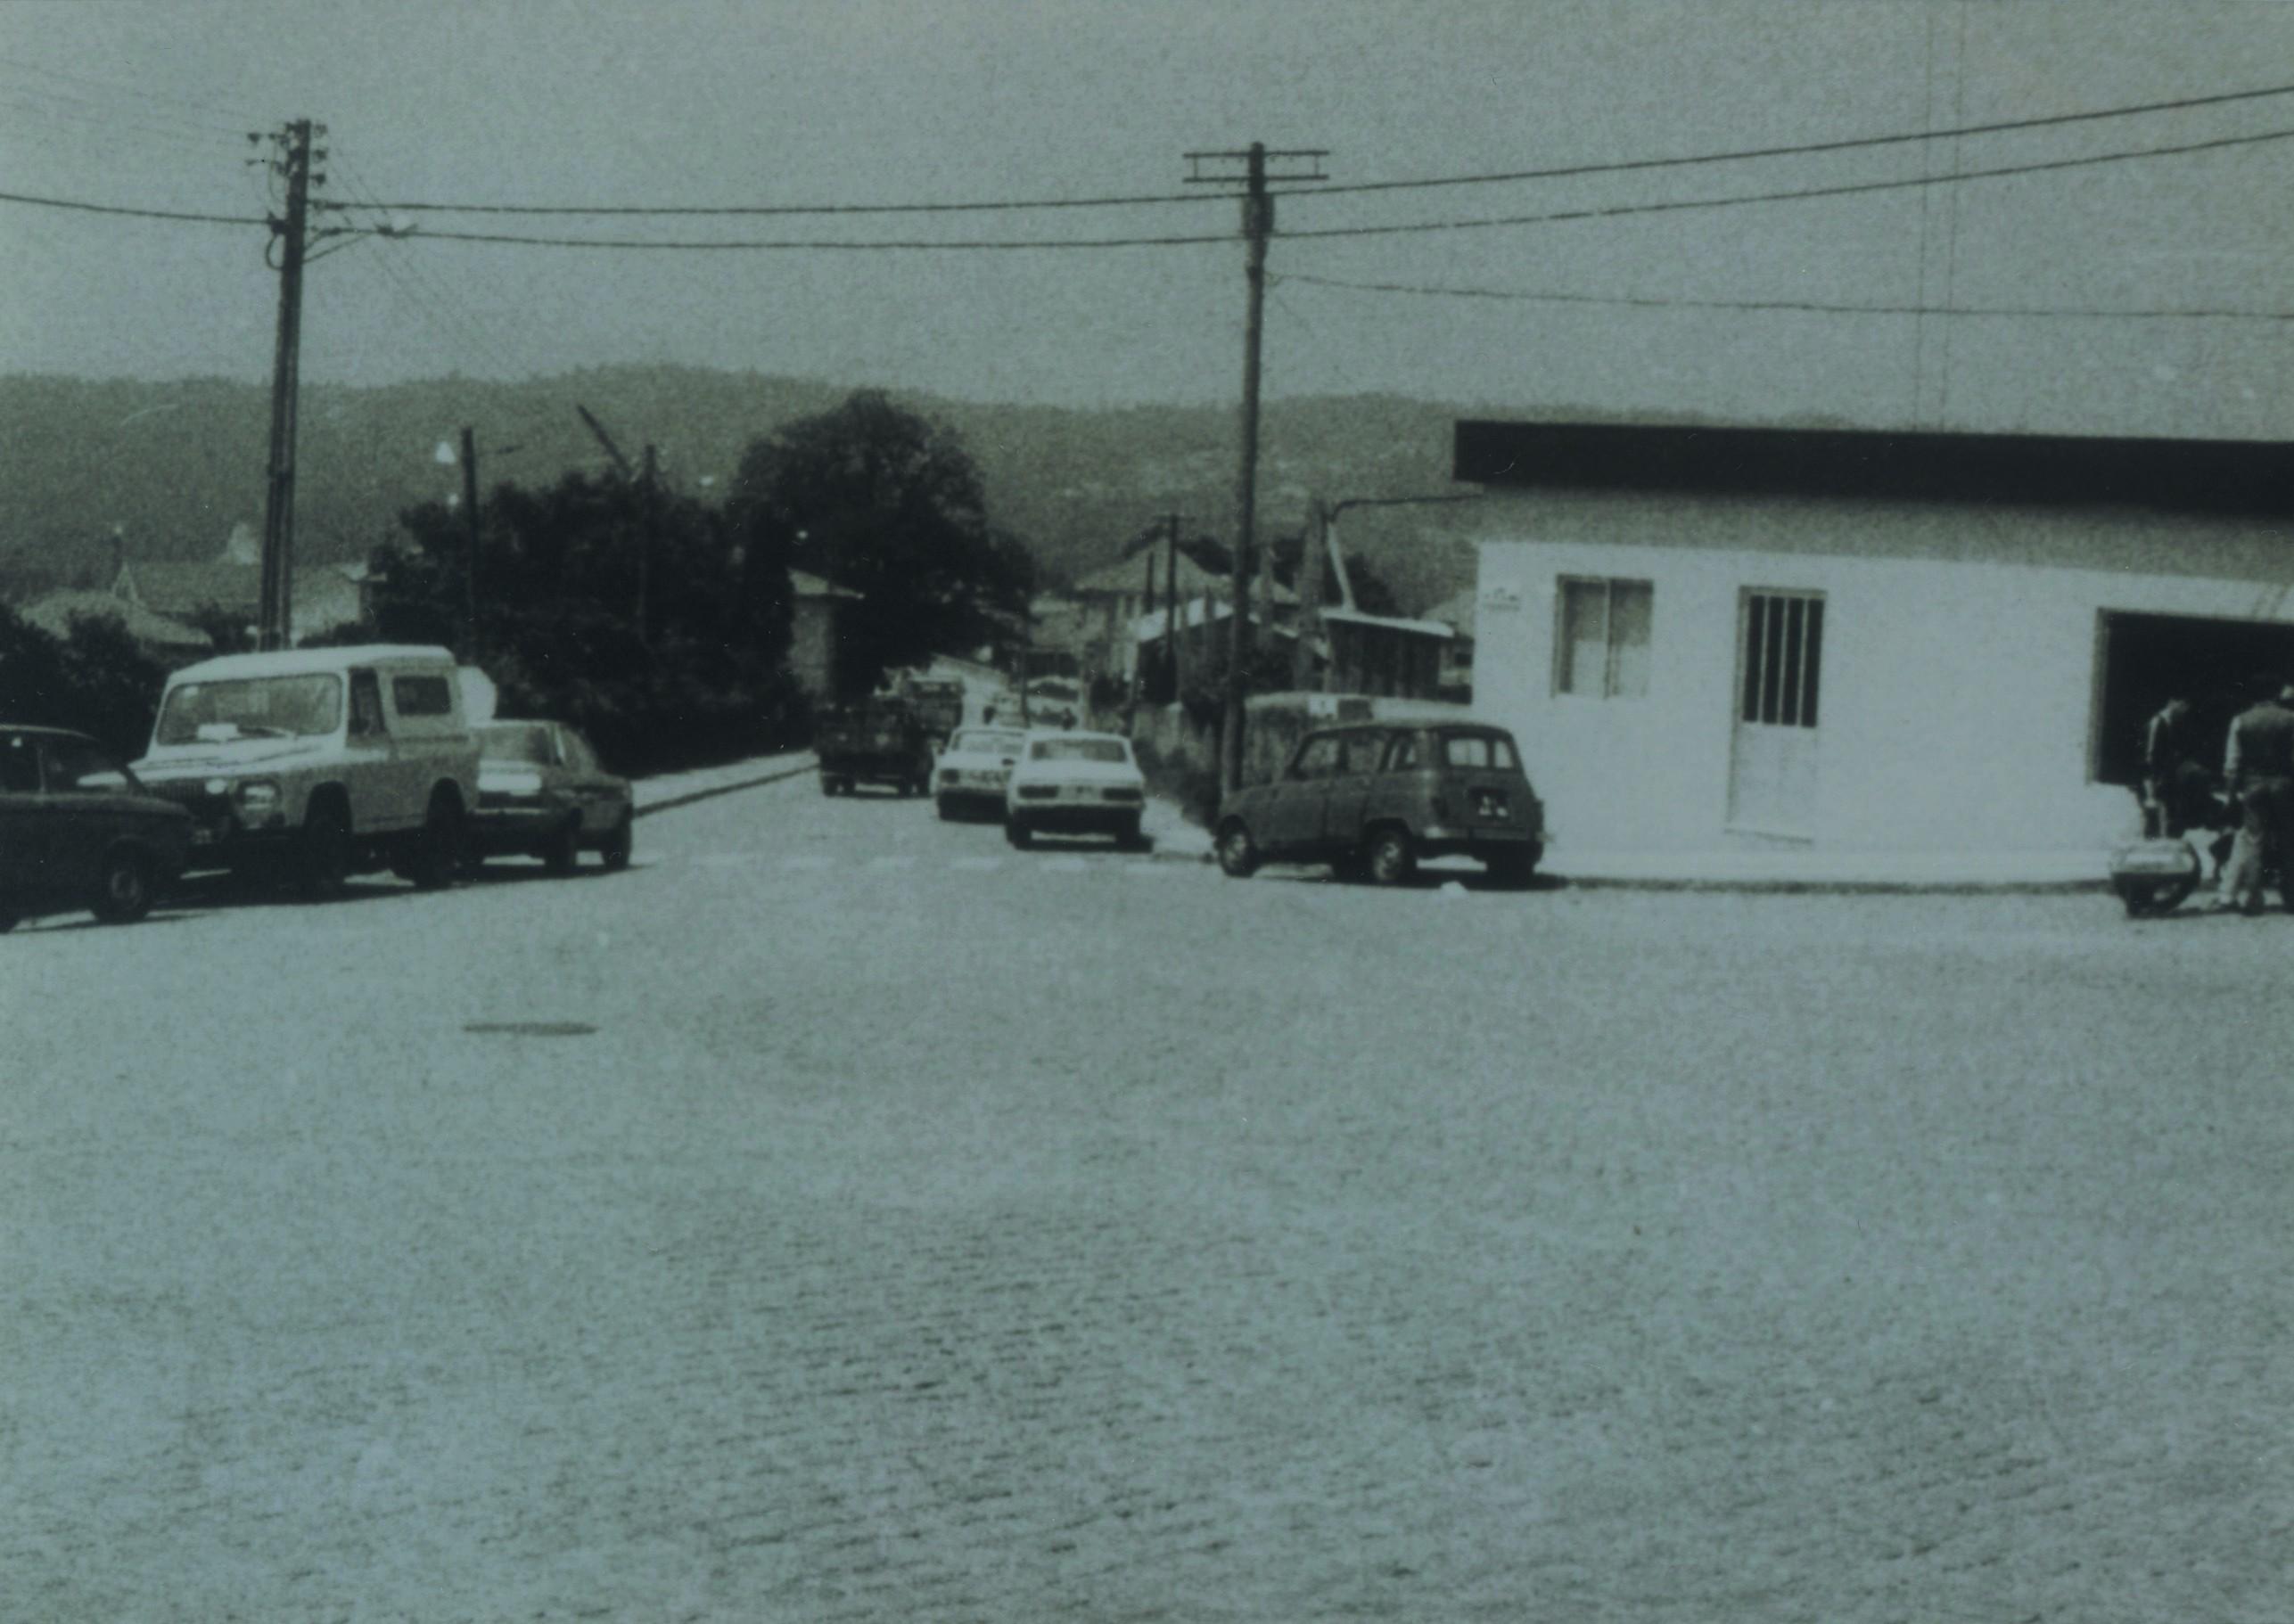 Construção do edifício Raínha n largo Luís de Camões (Anos 80)